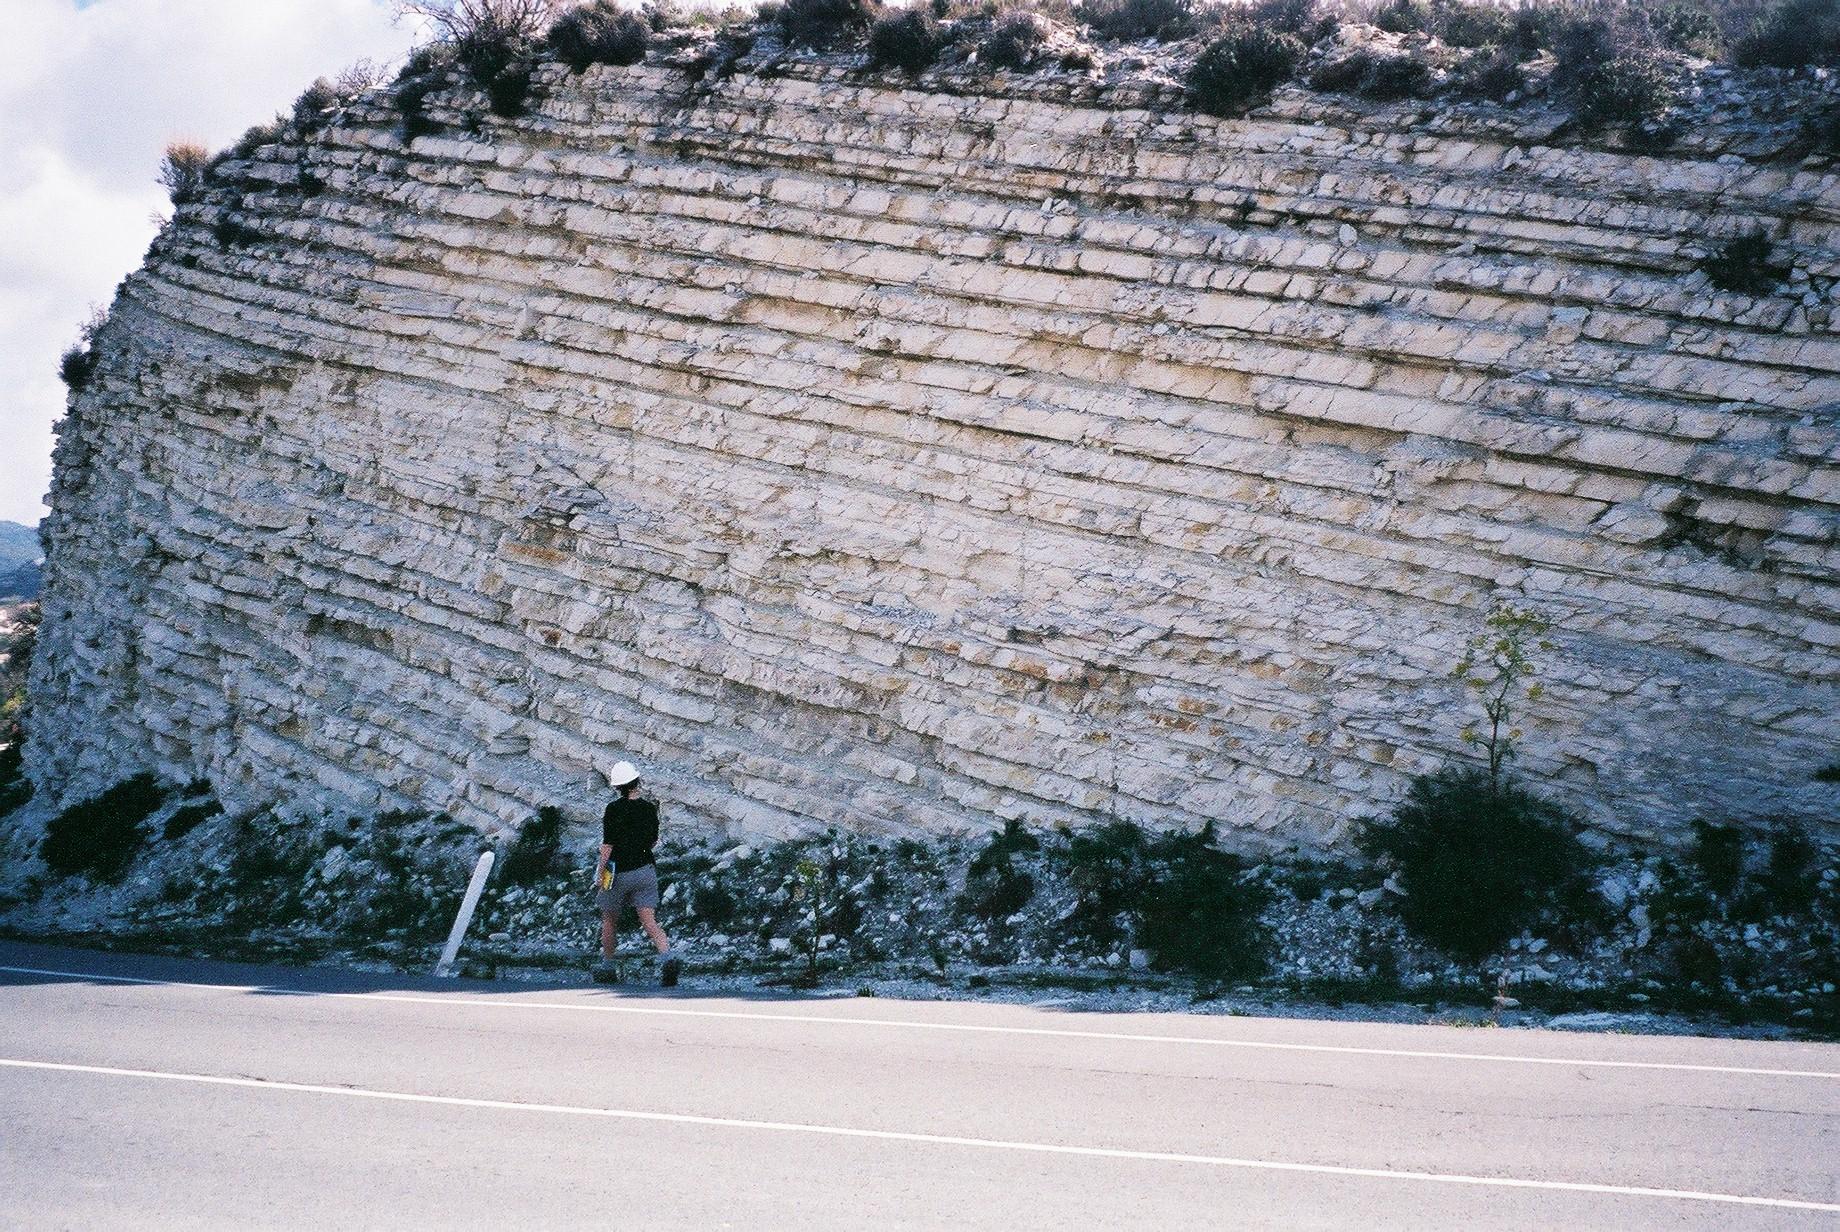 Det avkuttede fjellstykket langs veien viser laginndeling i kalkstein. Foto.